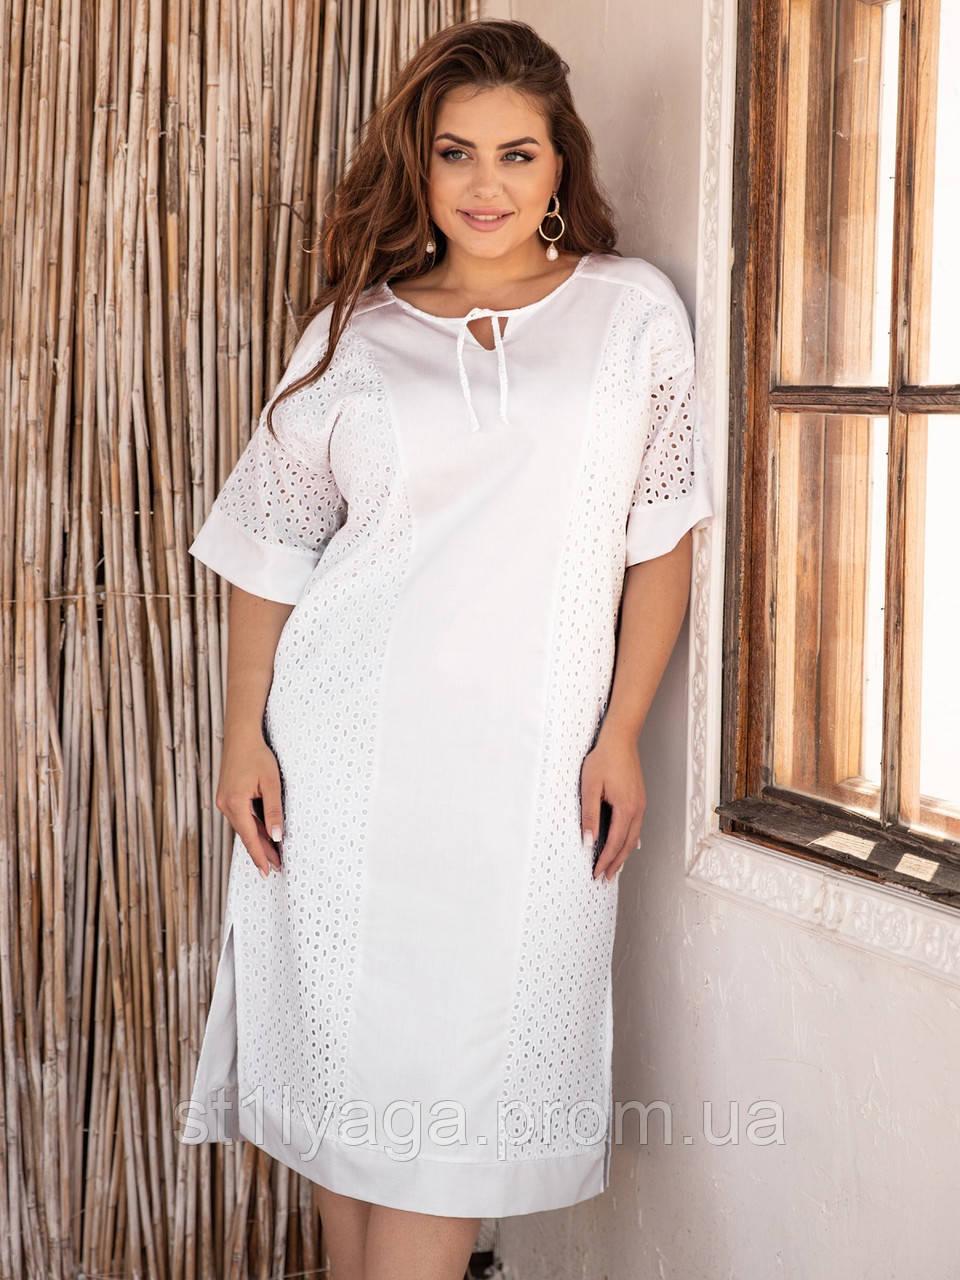 Свободное платье из прошвы с коротким рукавом